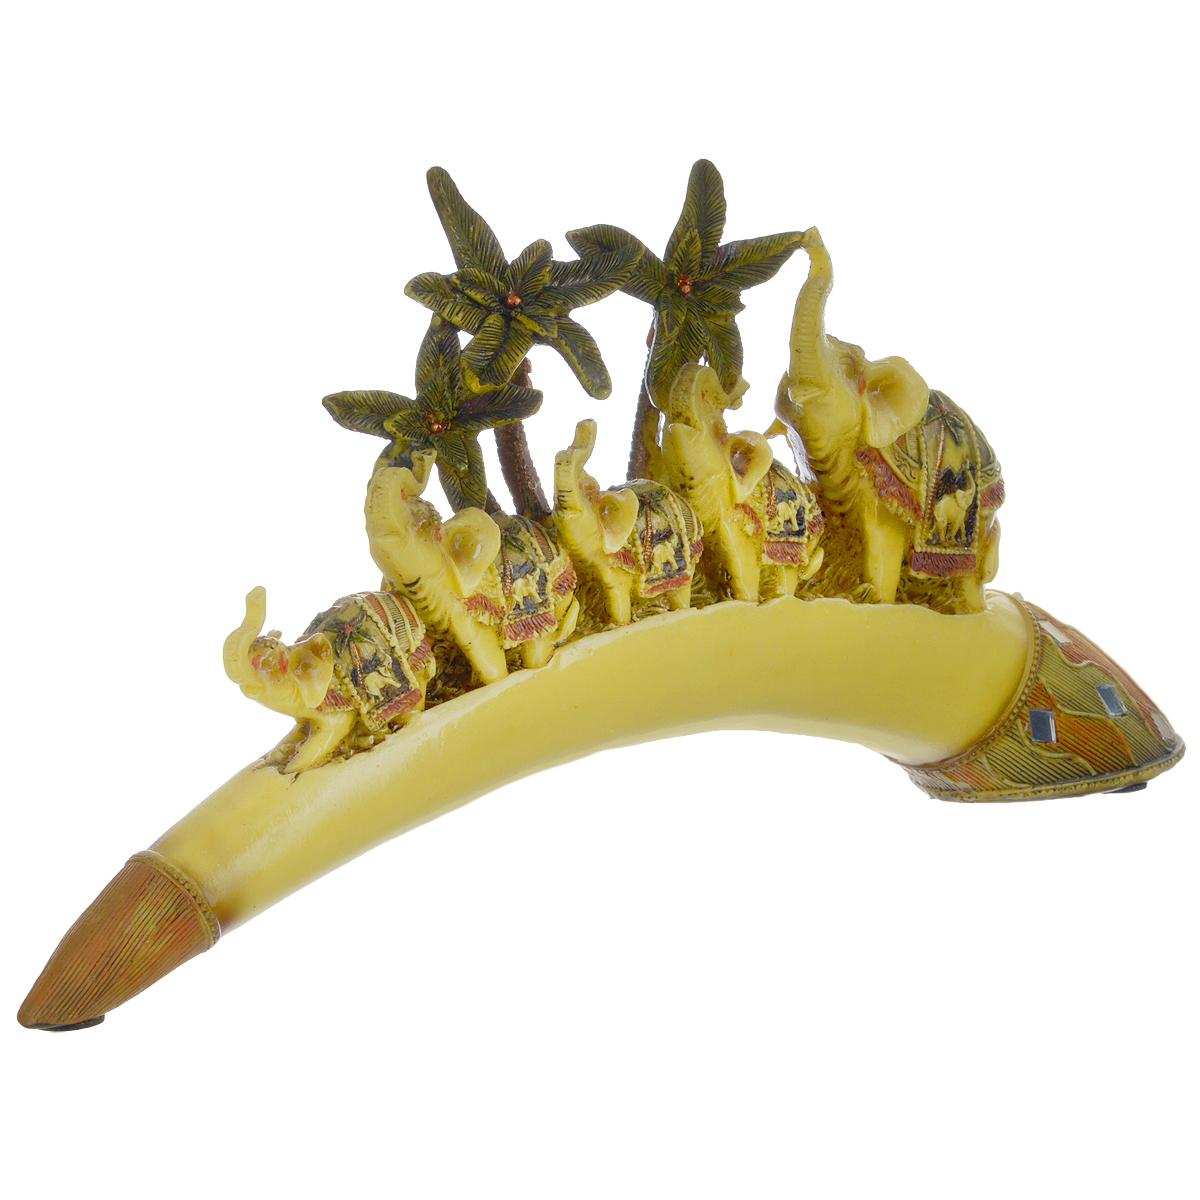 Фигурка декоративная Molento Счастливая пятерка, высота 16,5 см549-184Декоративная фигурка Molento Счастливая пятерка, выполненная из полистоуна, станет отличным украшением интерьера и подчеркнет его изысканность. Изделие выполнено в виде бивня слона, на котором расположена композиция из пальм и пяти слонов. Такая фигурка всегда сможет послужить приятным подарком для ваших друзей и близких. Размер фигурки: 35,5 см х 5,5 см х 16,5 см.